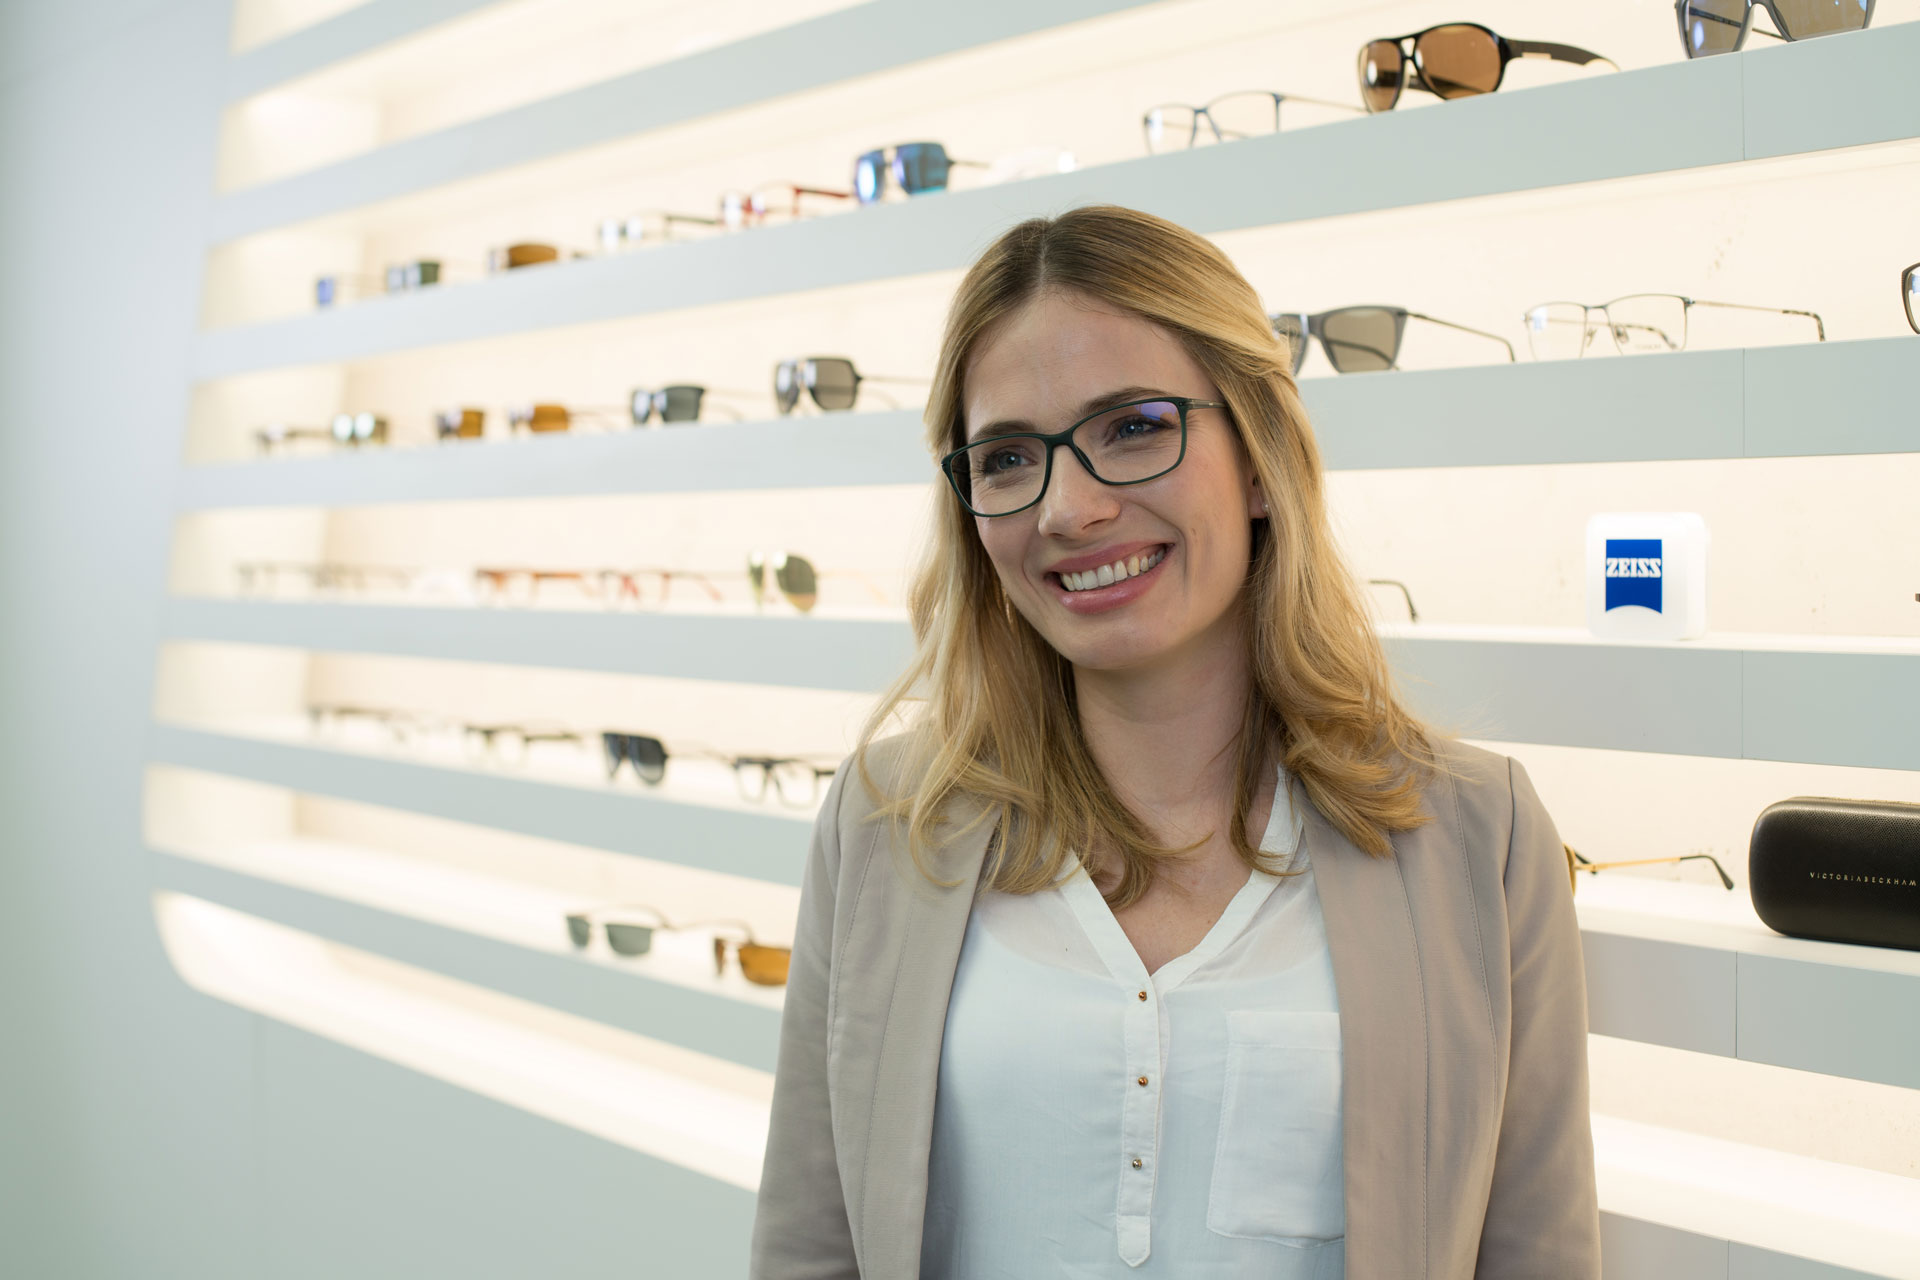 c9213496c Tips til at købe briller: Sådan finder du de rigtige briller